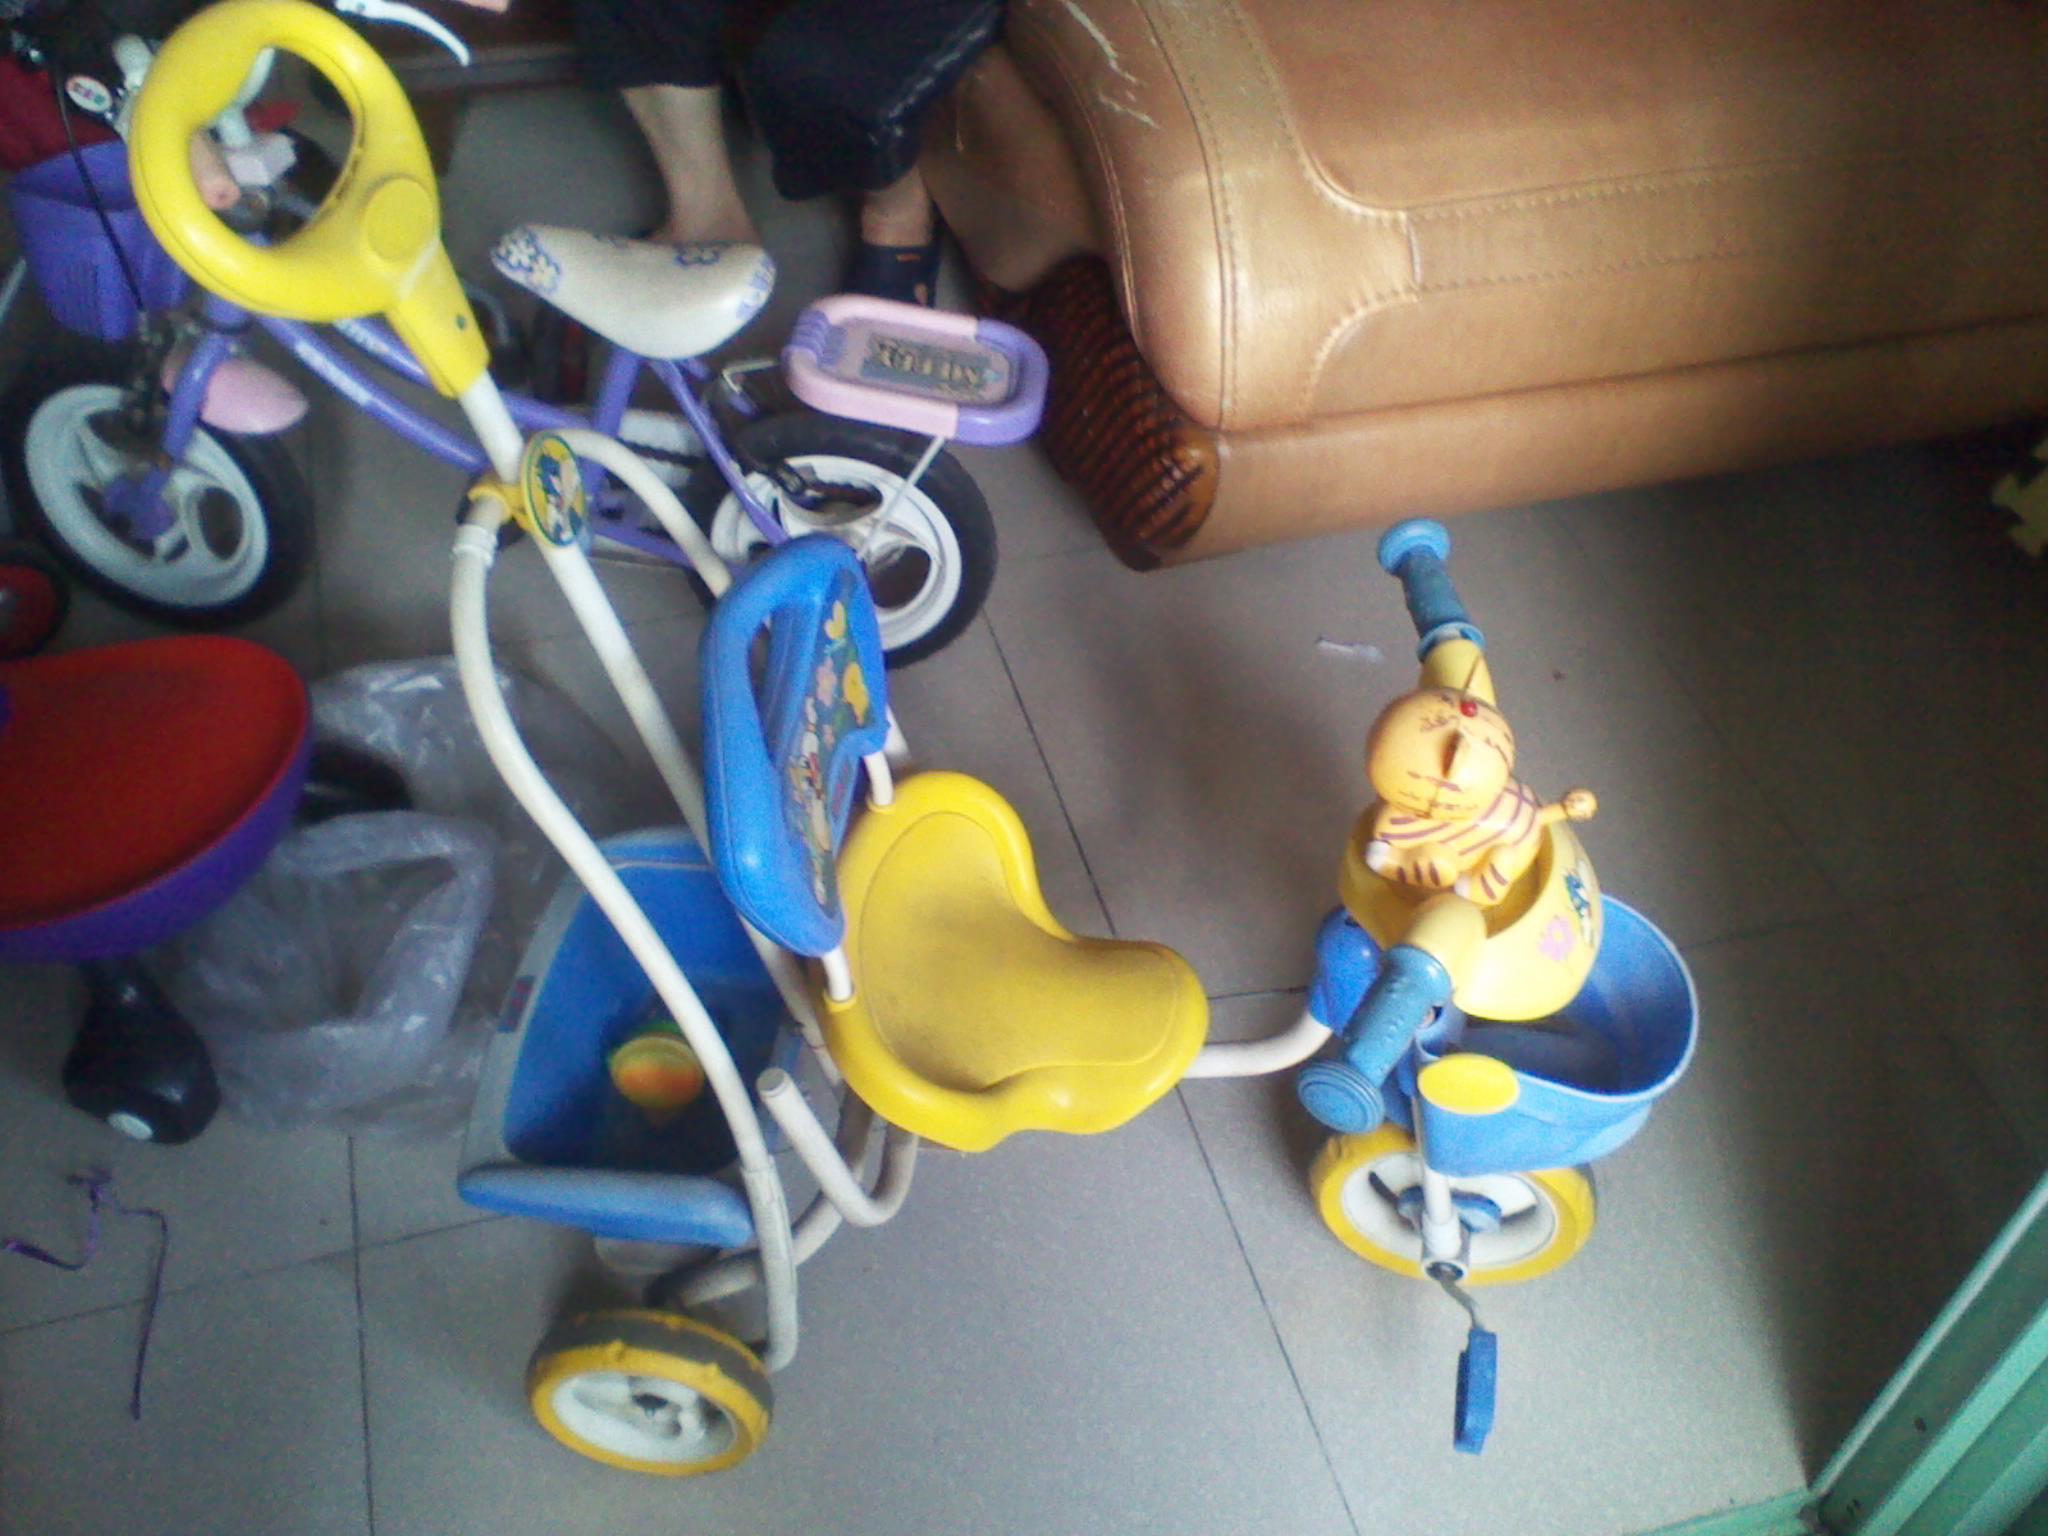 [转让]闲置儿童自行车小推车扭扭车彩泥套装洗衣机无线麦克风缝纫机蒸